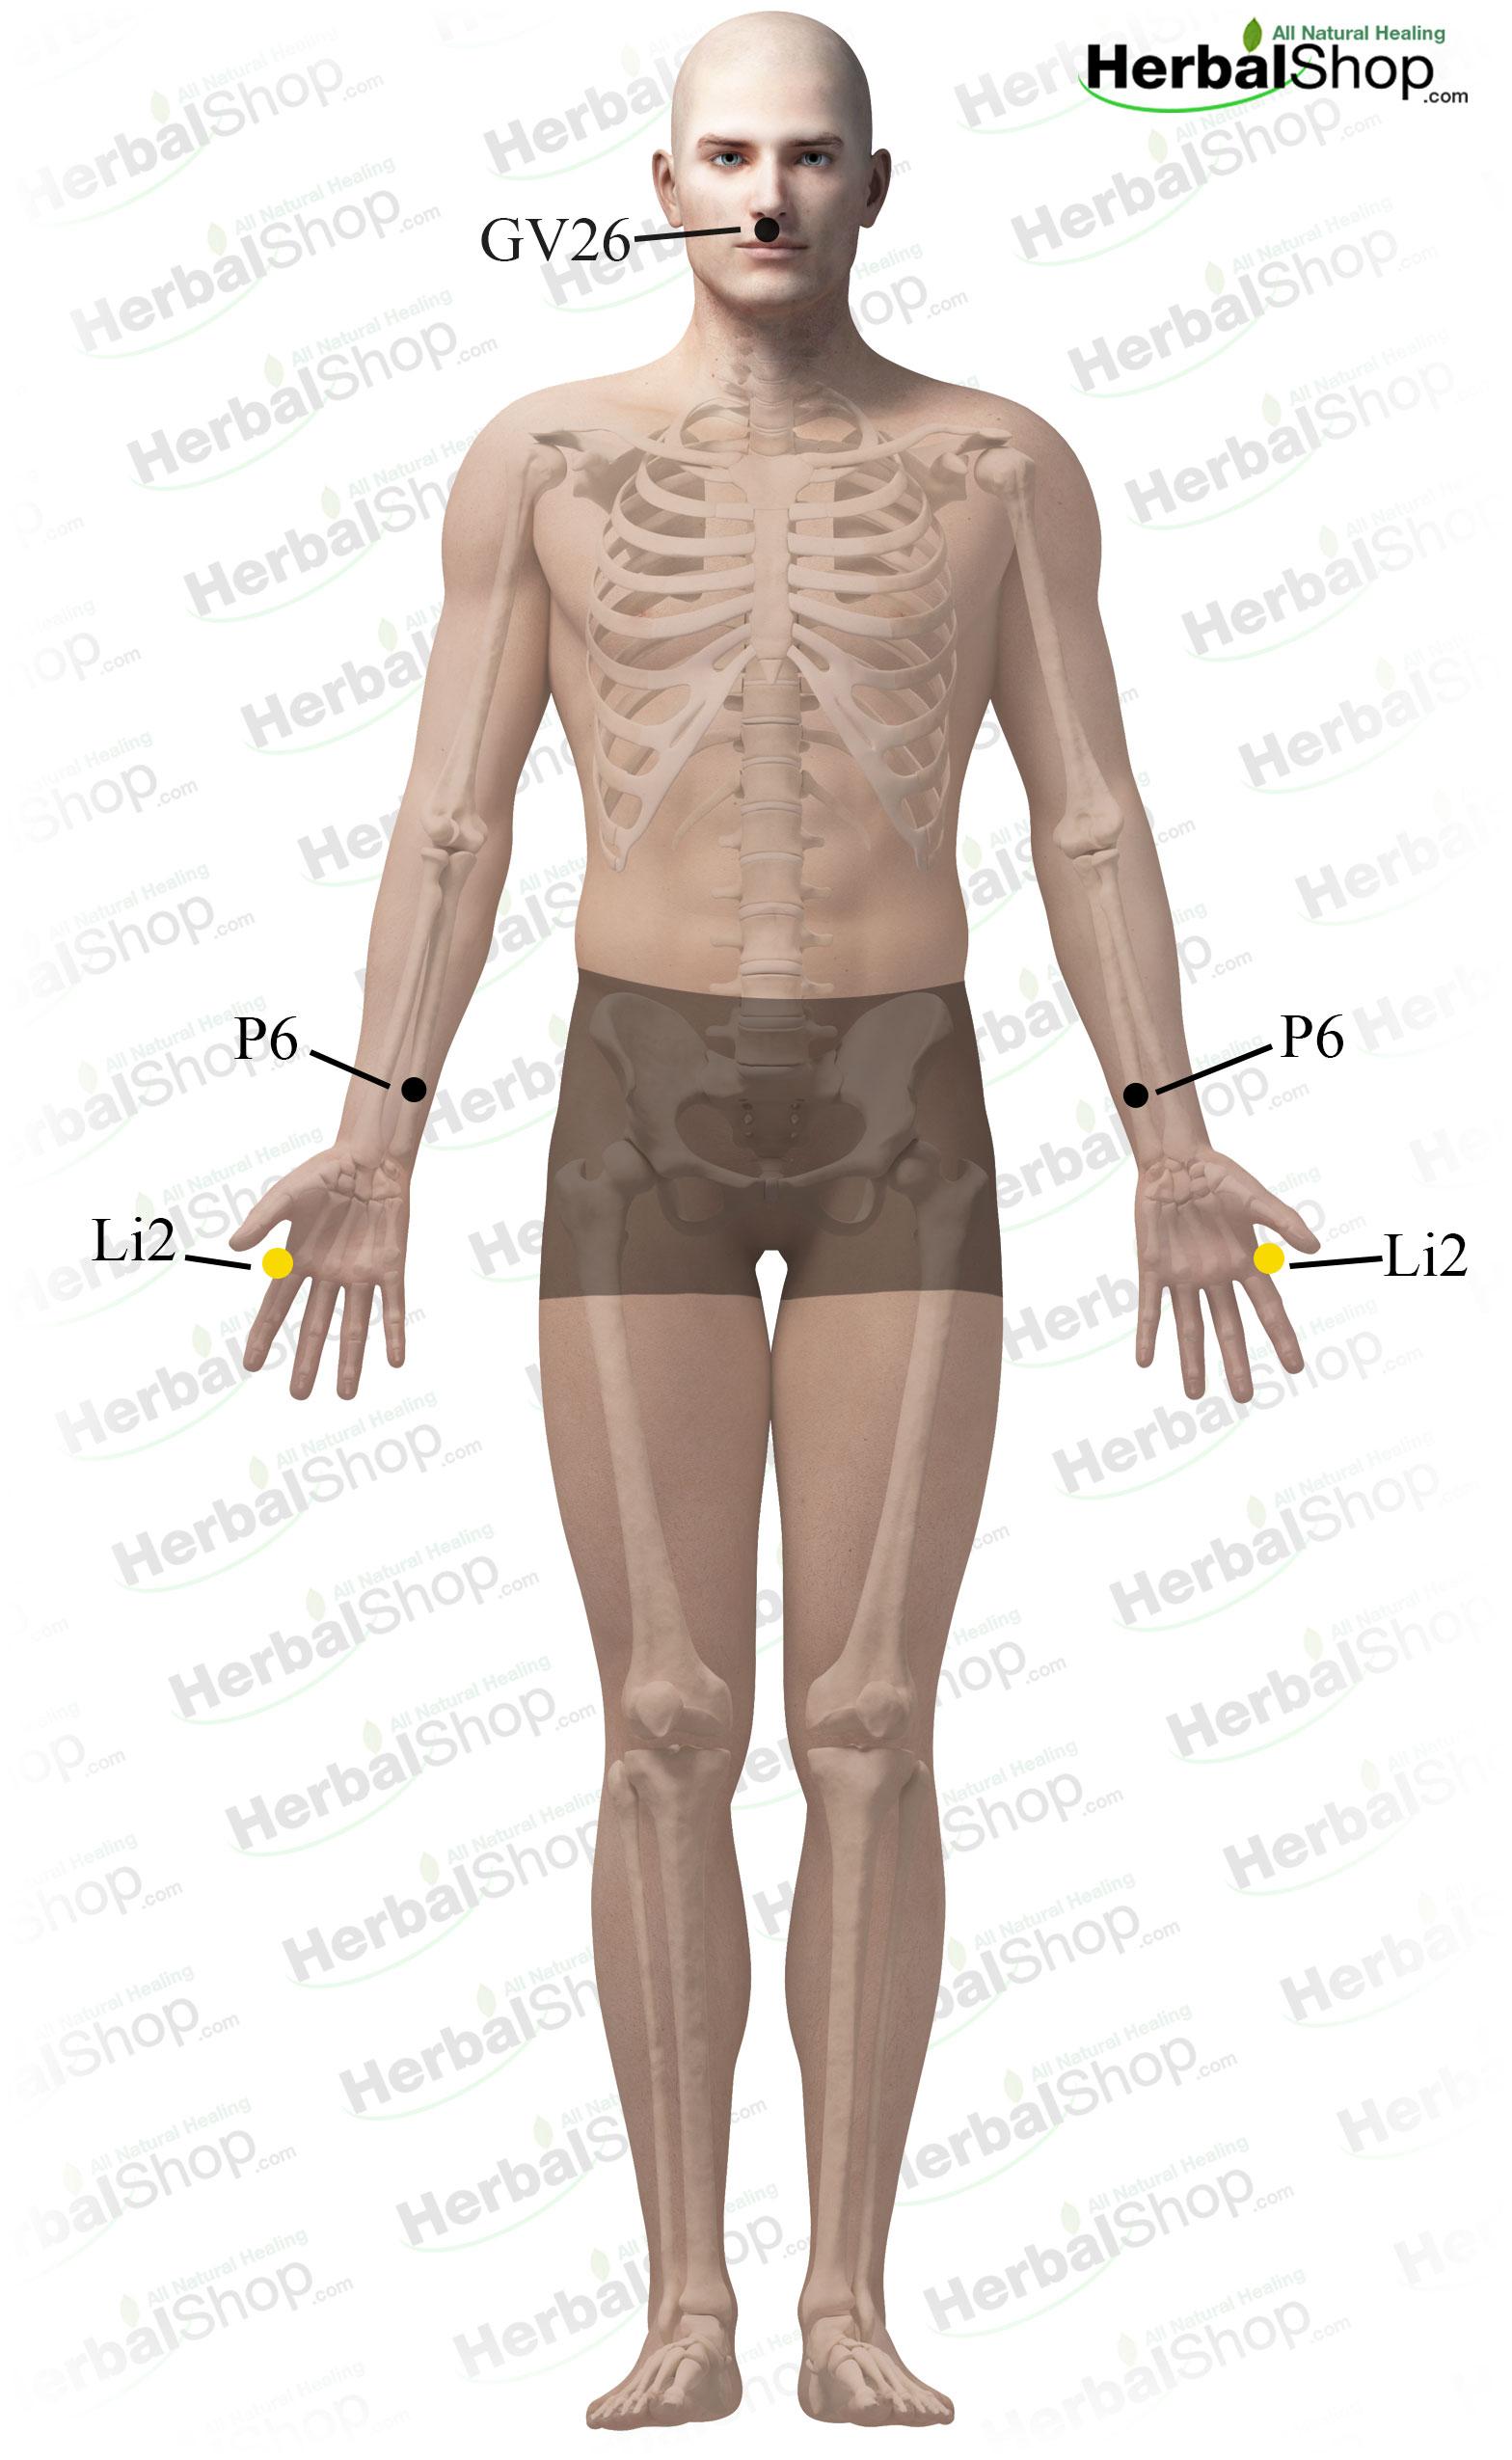 Backache - Lower (Lower Backache)